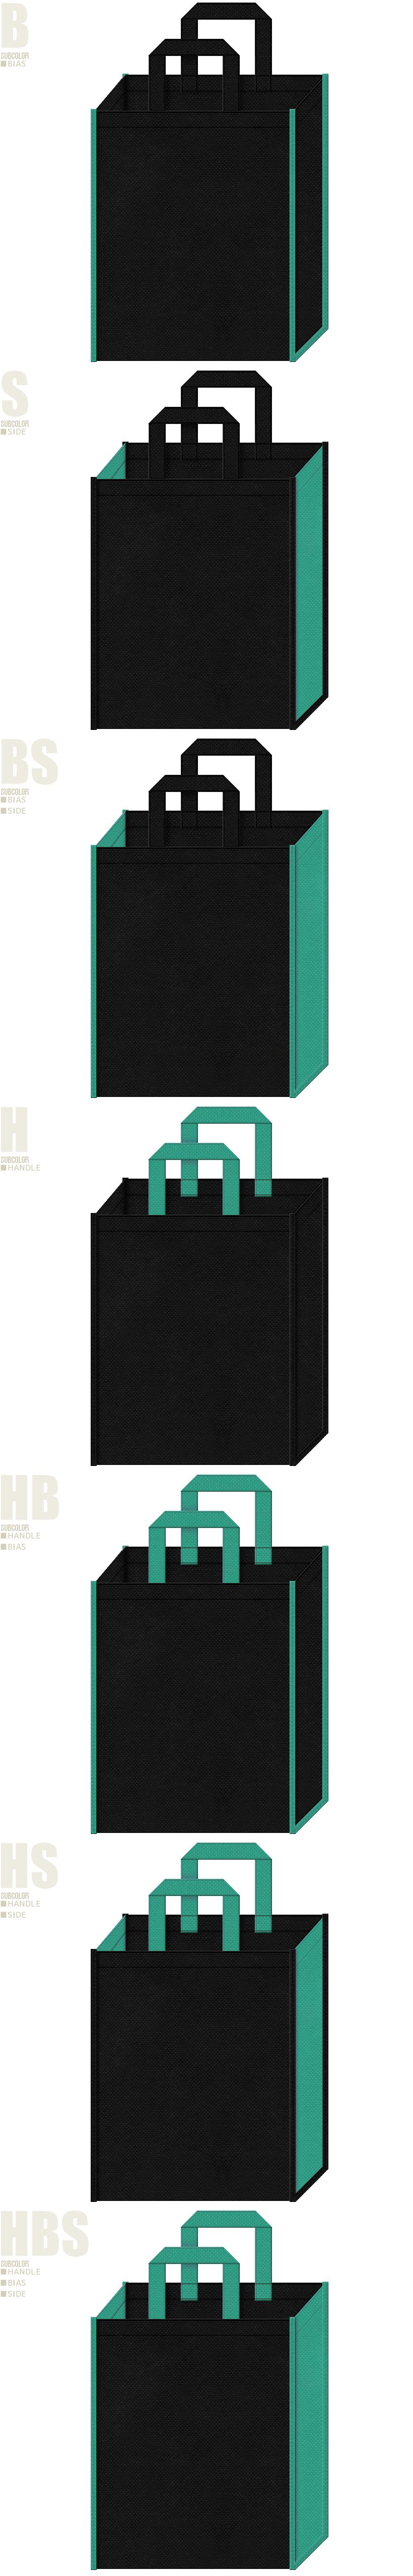 黒色と青緑色、7パターンの不織布トートバッグ配色デザイン例。スポーティーファッションにお奨めです。